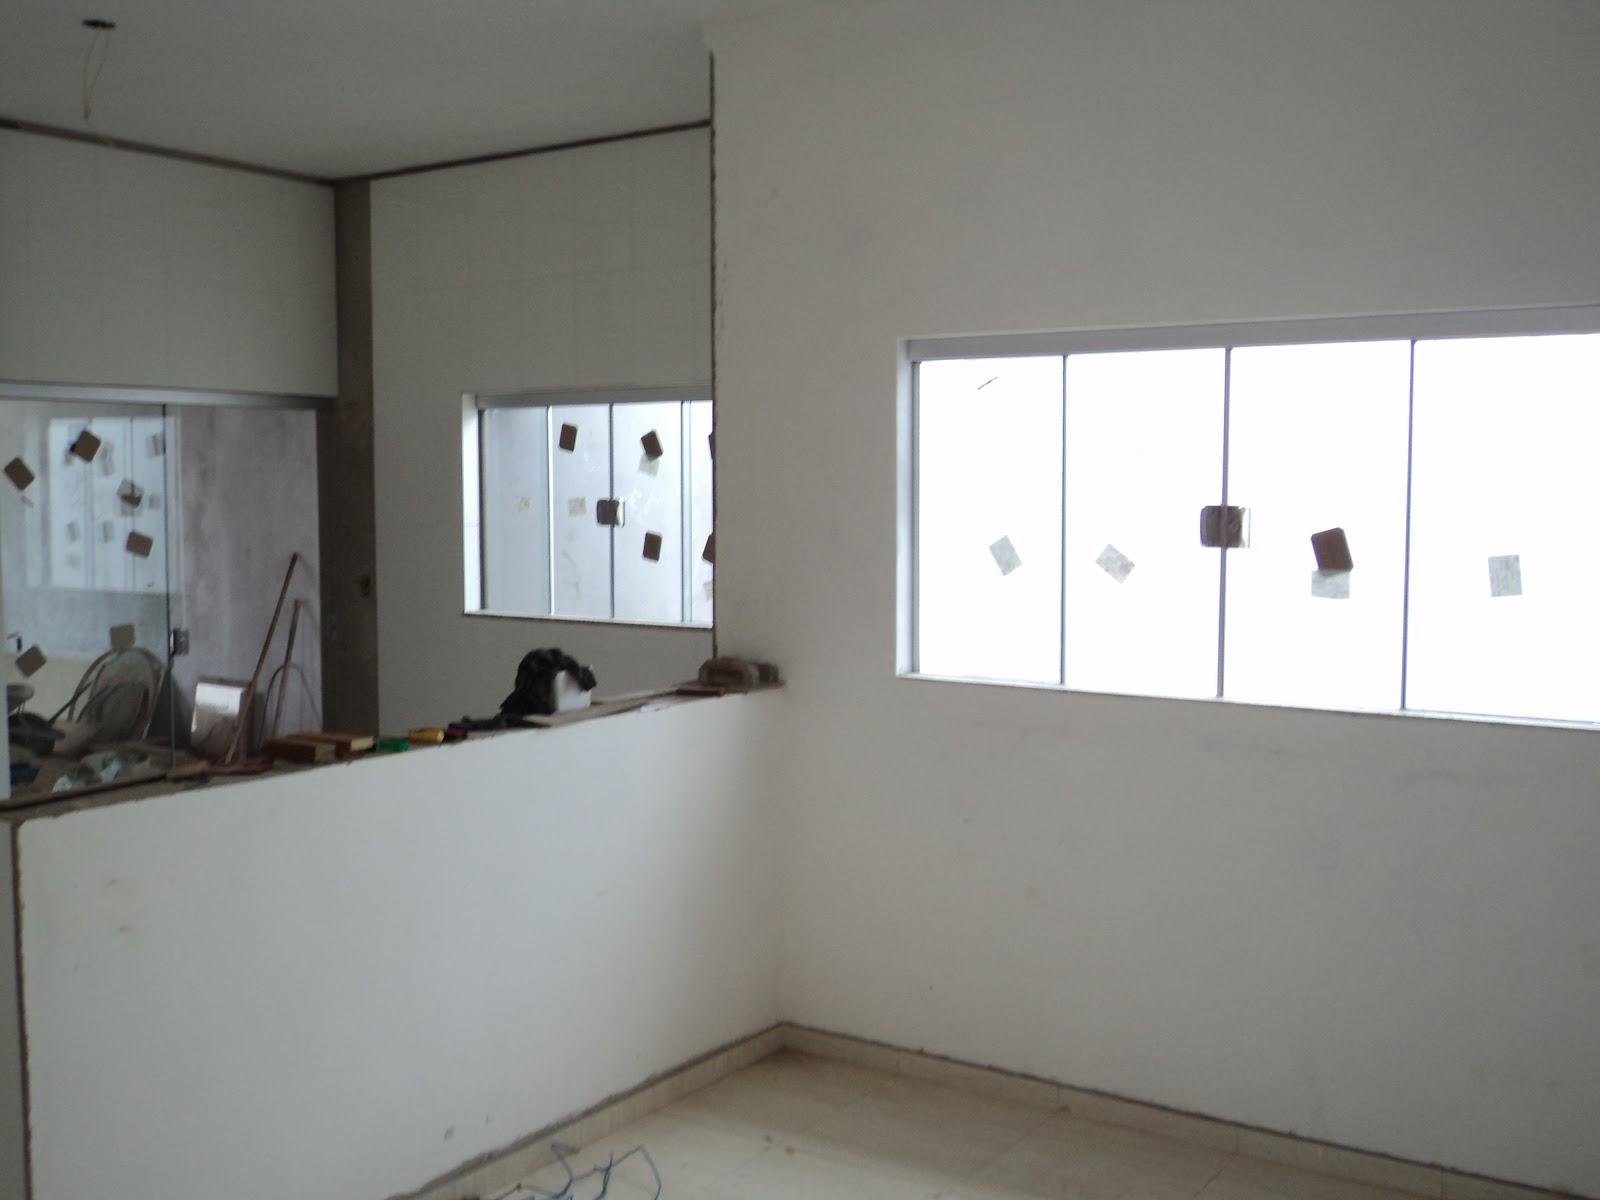 #565C75 FRANCO VIDROS TEMPERADOS: Obra em Campos Novos Paulista 220 Janelas De Vidro Para Cozinha